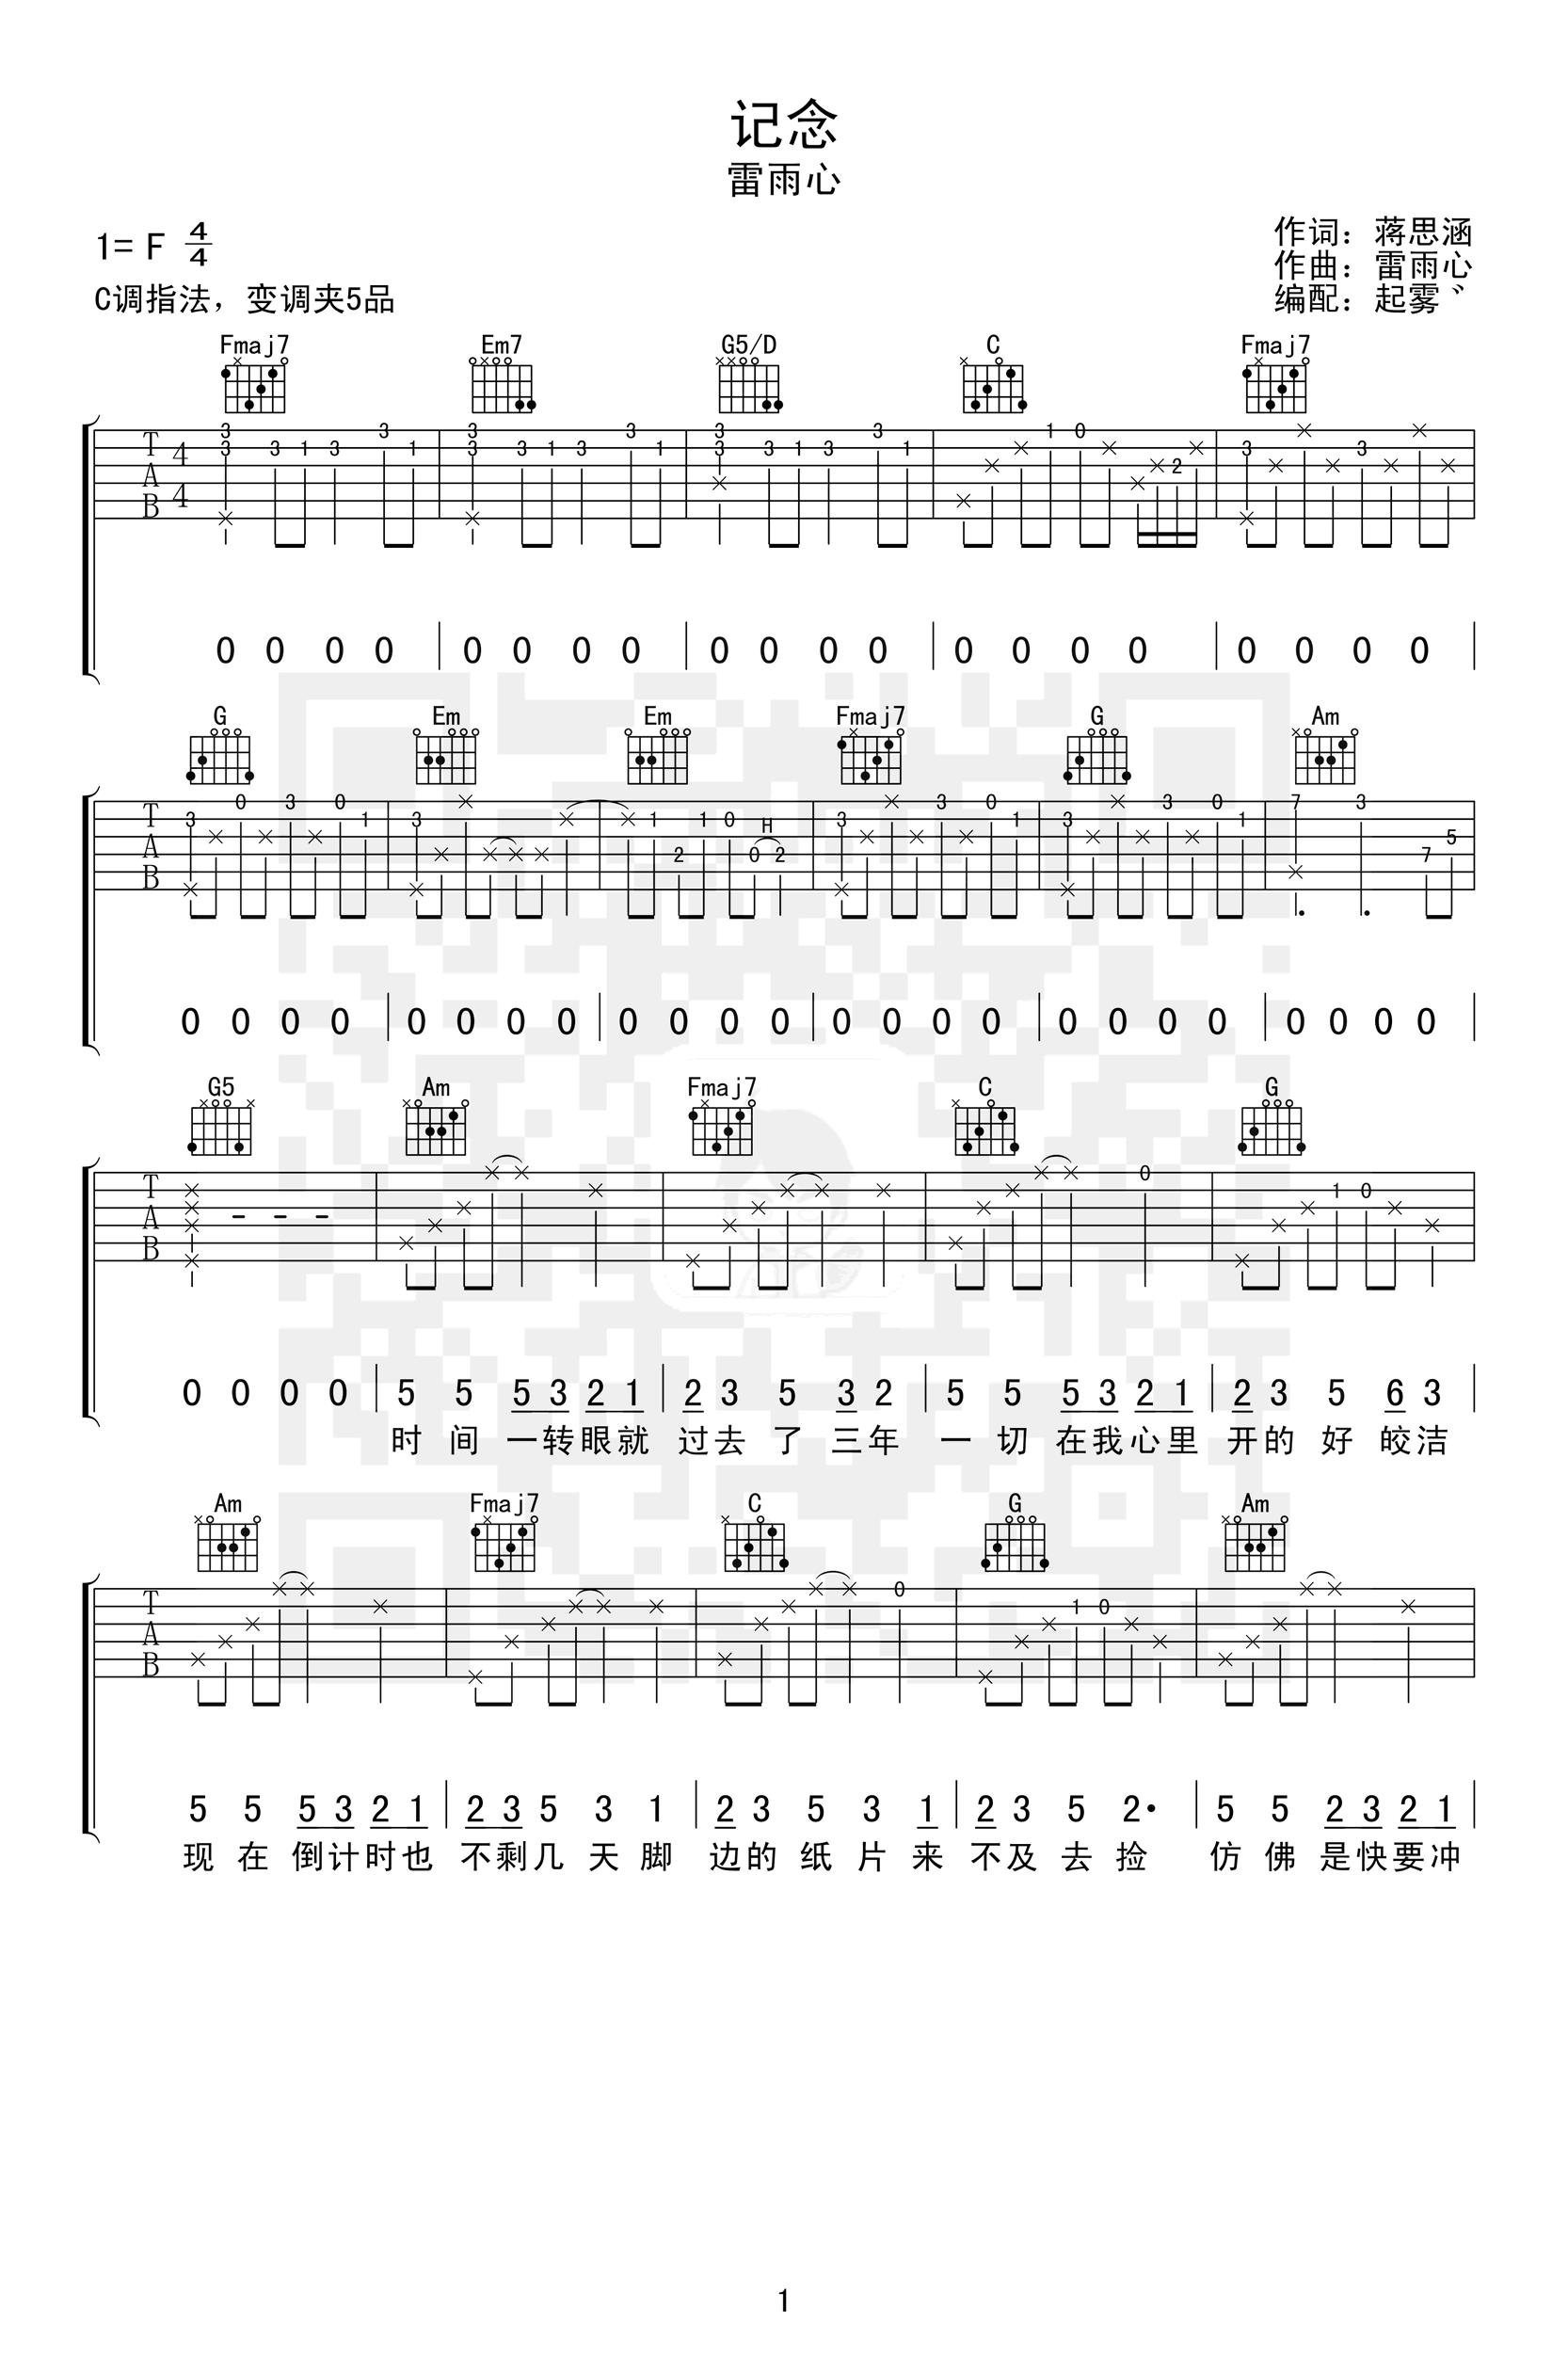 雷雨心《记念》吉他谱-1